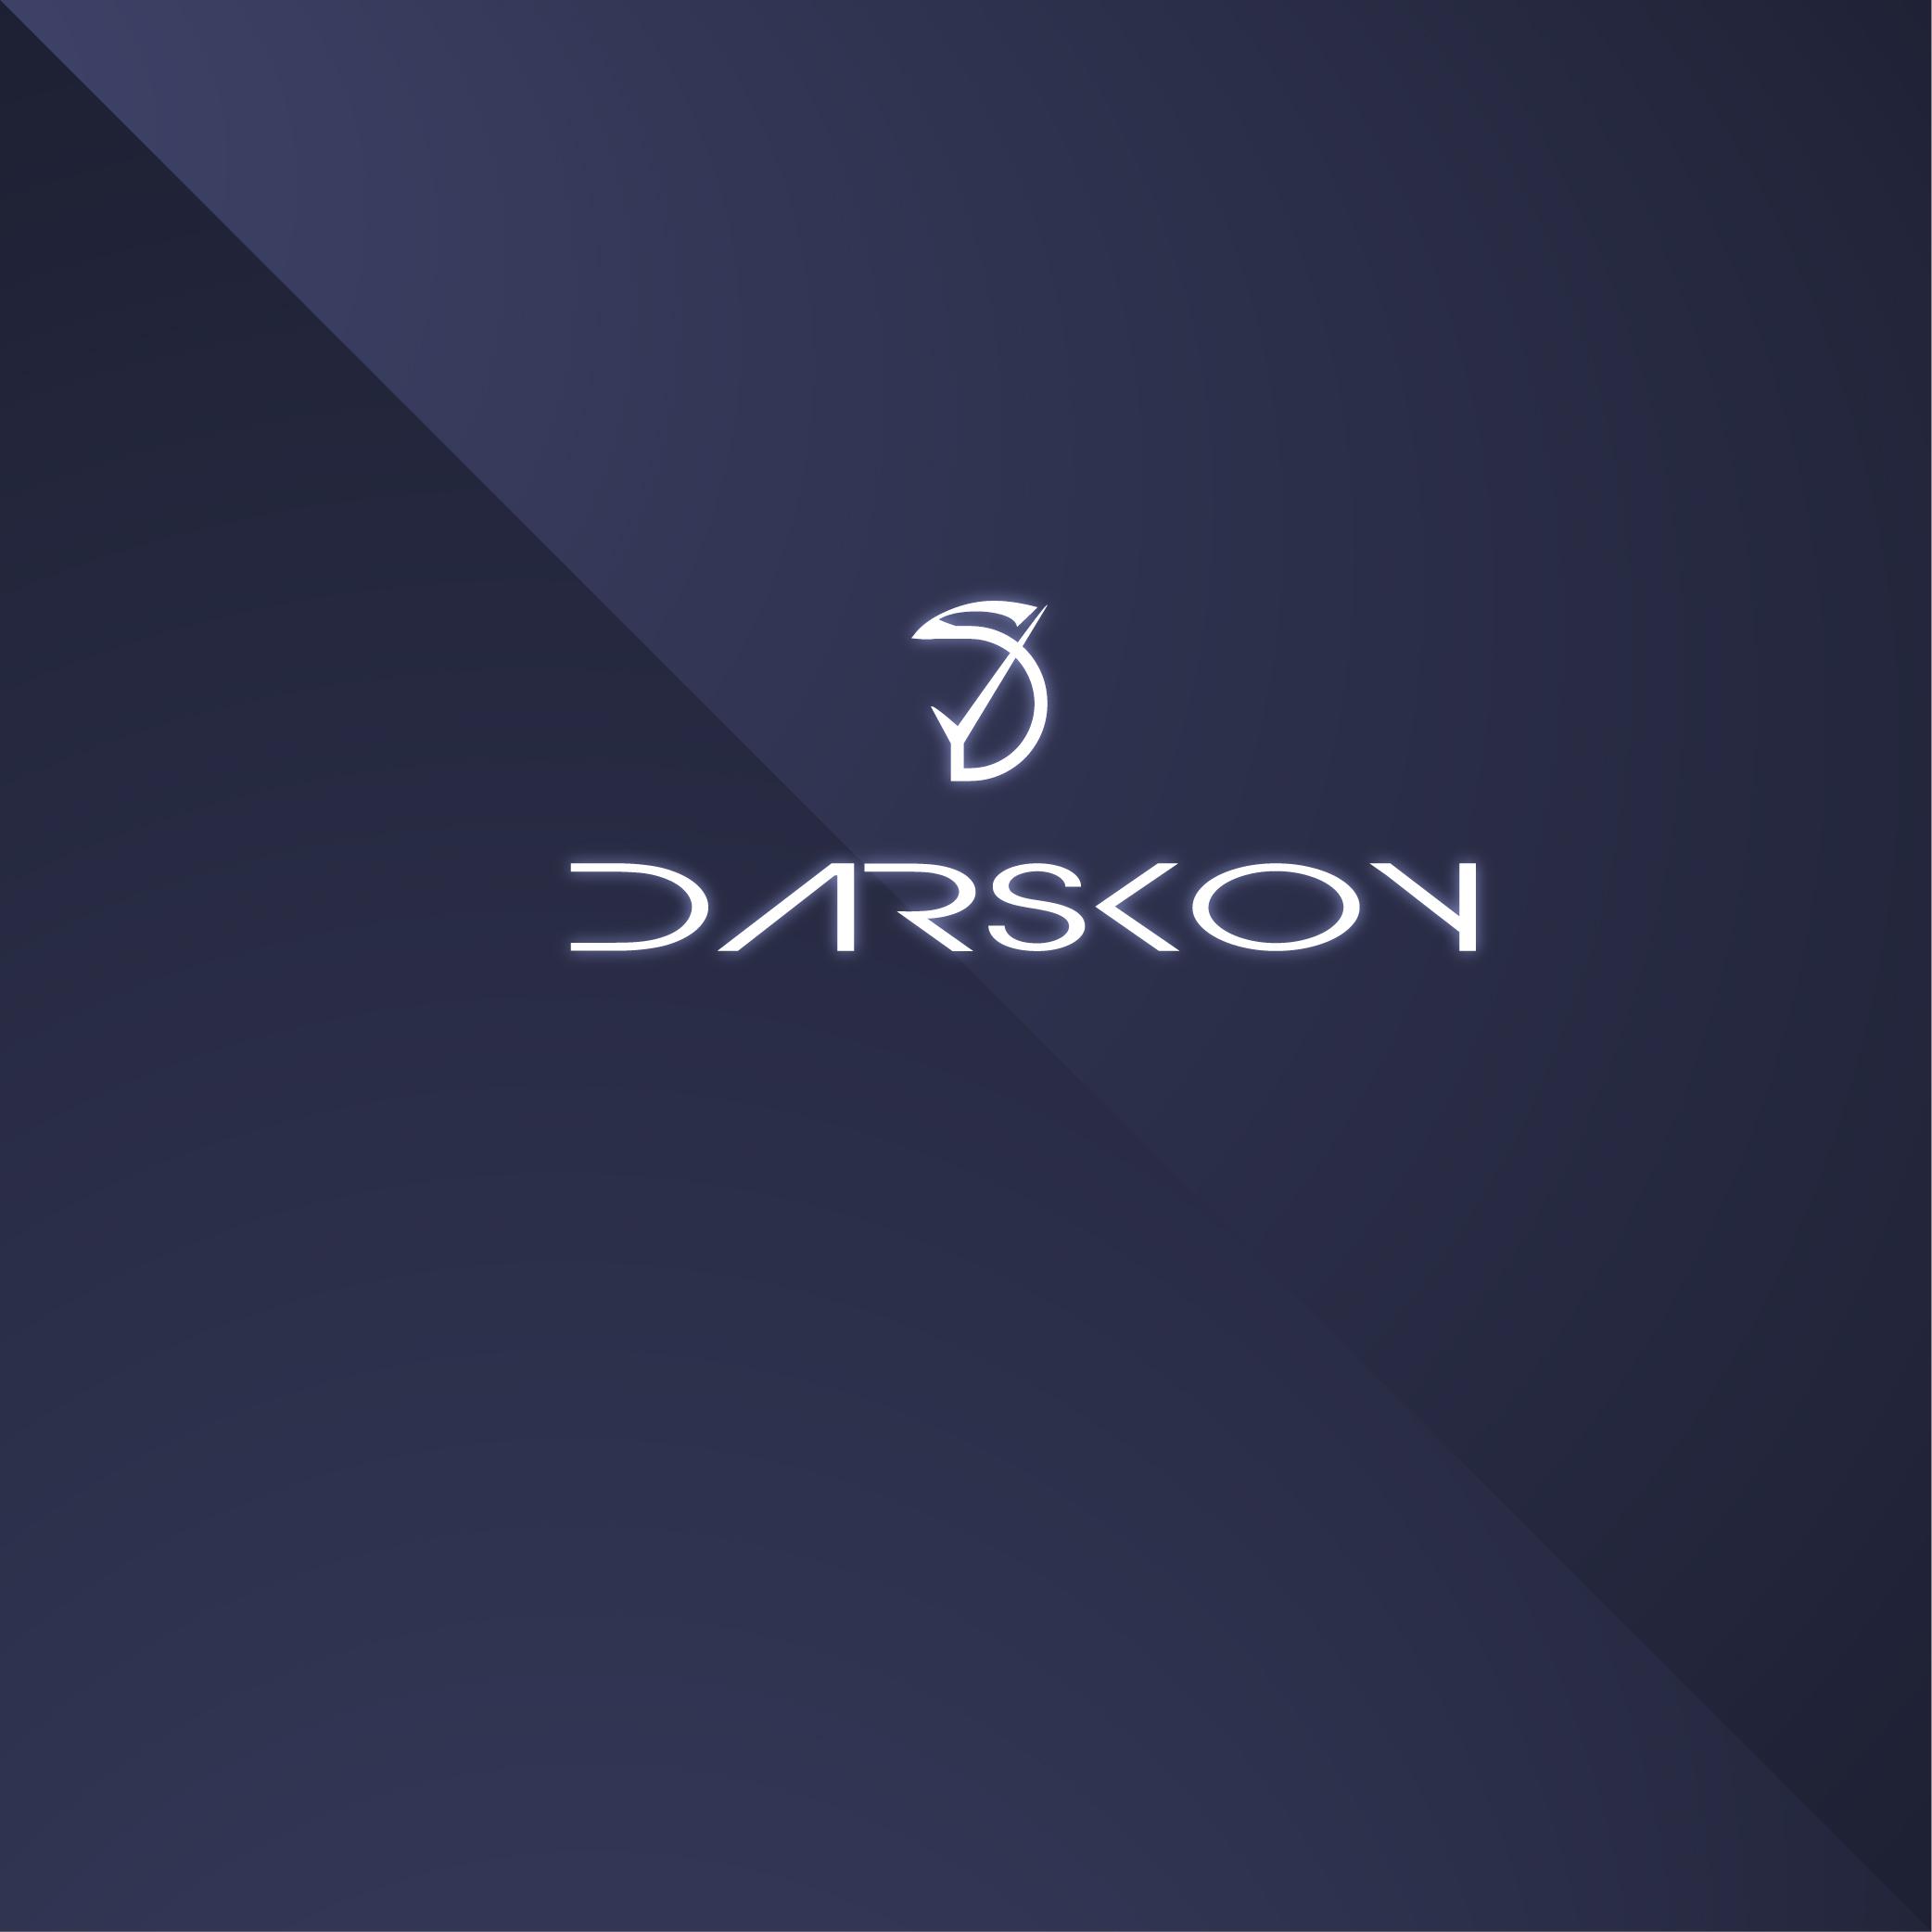 Нарисовать логотип для сольного музыкального проекта фото f_4125ba78c3bab069.jpg